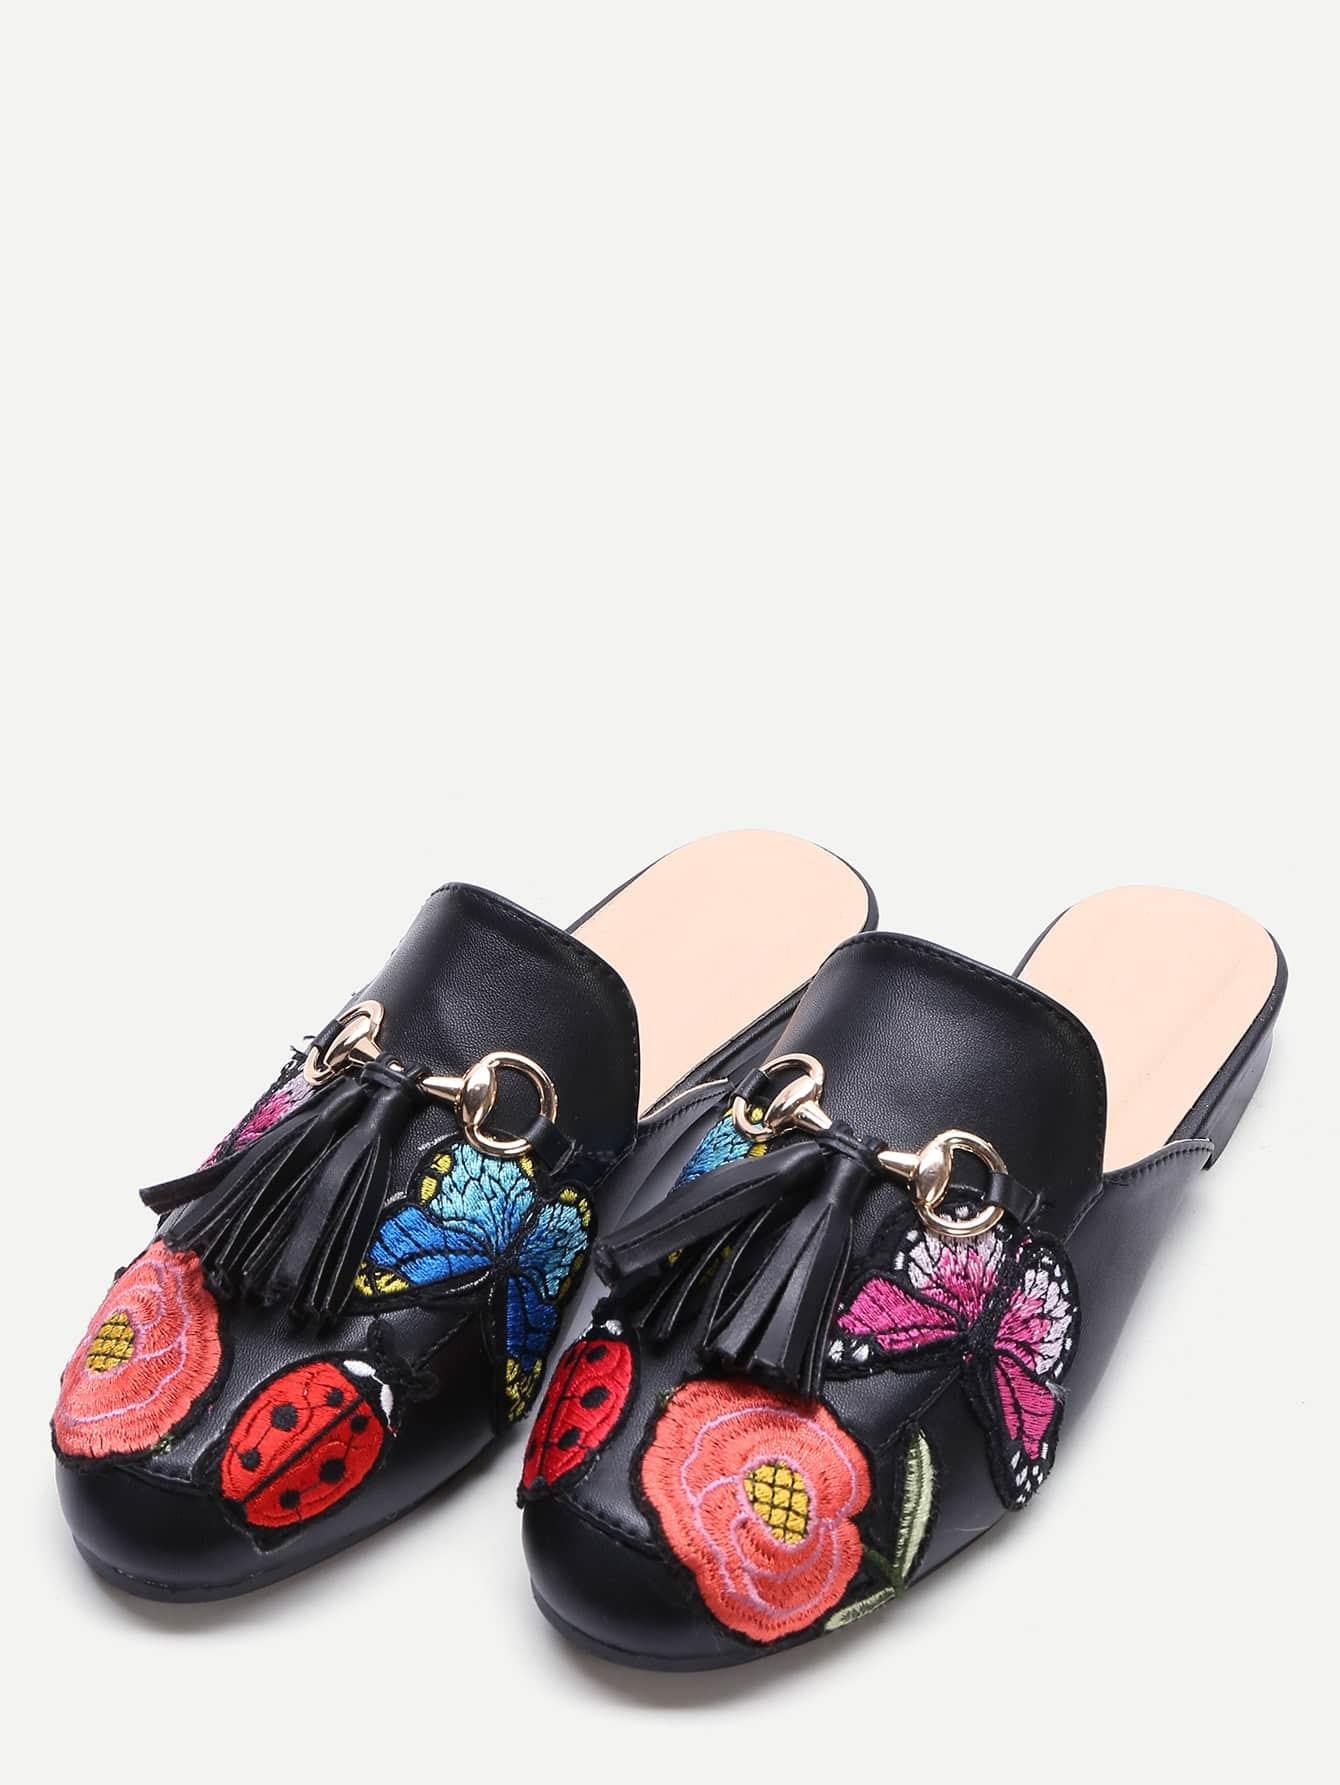 shoes161213815_2